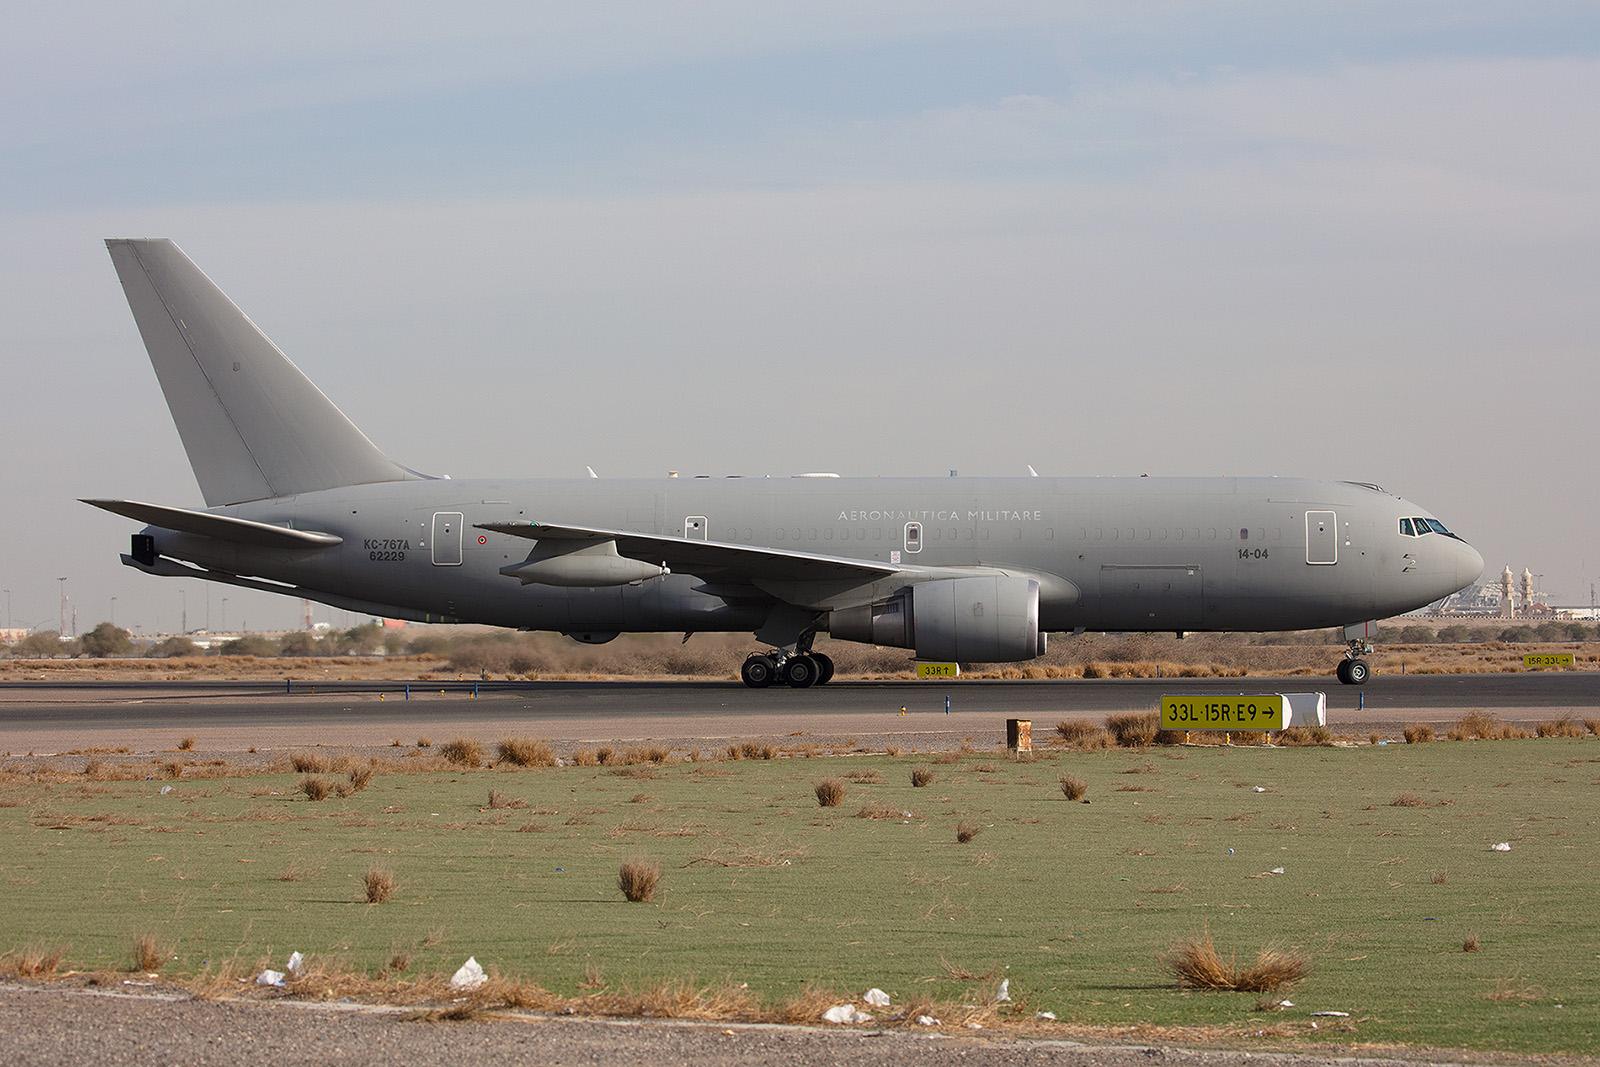 Diese KC-767 der Aeronautica Militare unterstützt als Tanker Flugzeuge der Anti-IS-Koalition.